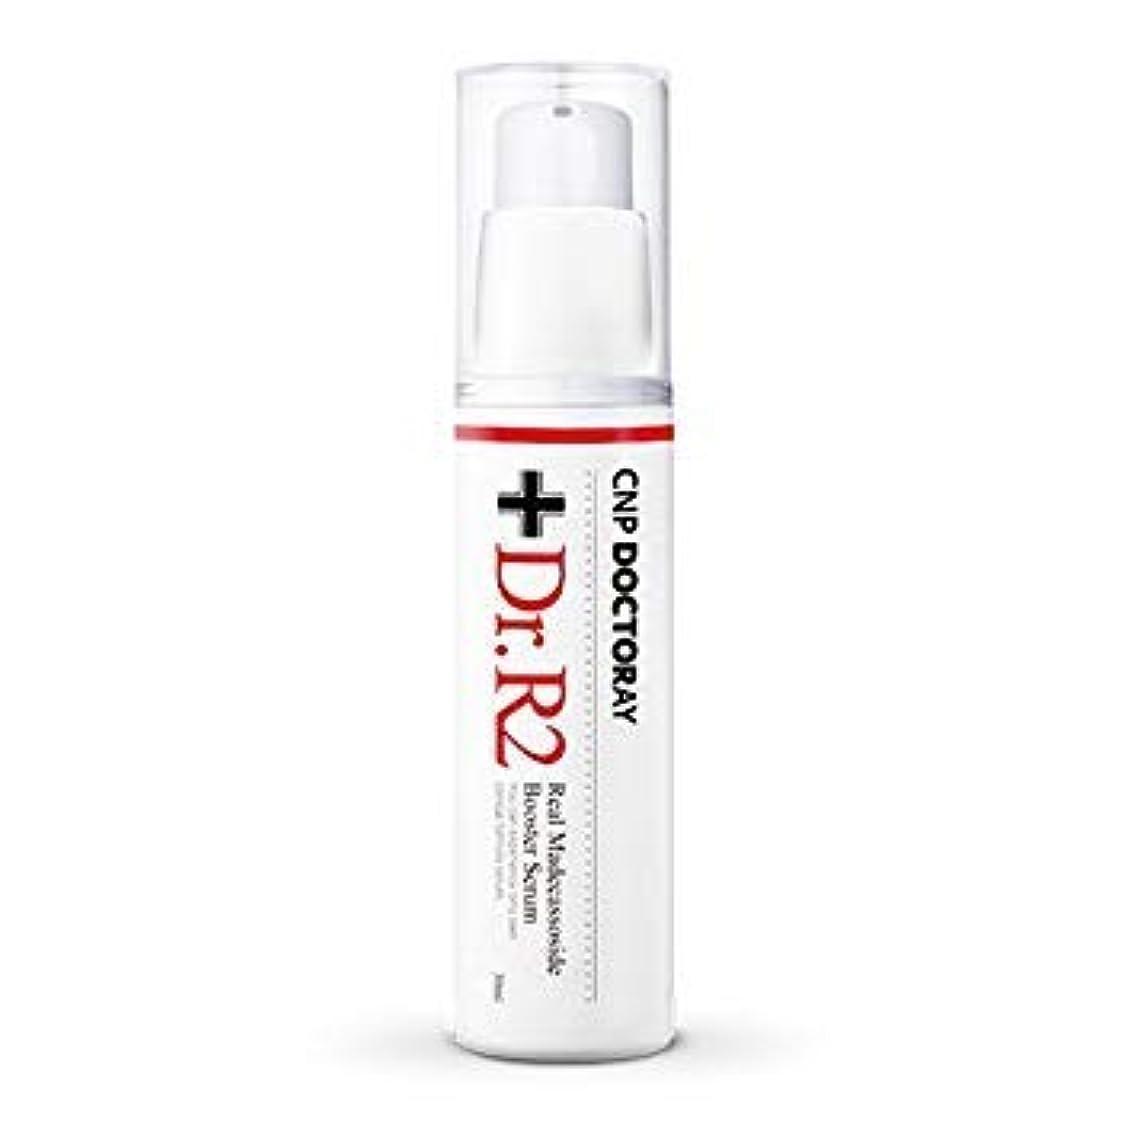 ロールパトロールサミュエルCNPドクターレイ(CNP DOCTORAY)Dr.R2 リアルマデカーソサイドブースターセラム 30ml (Dr.R2 Real Madecassoside Booster Serum)